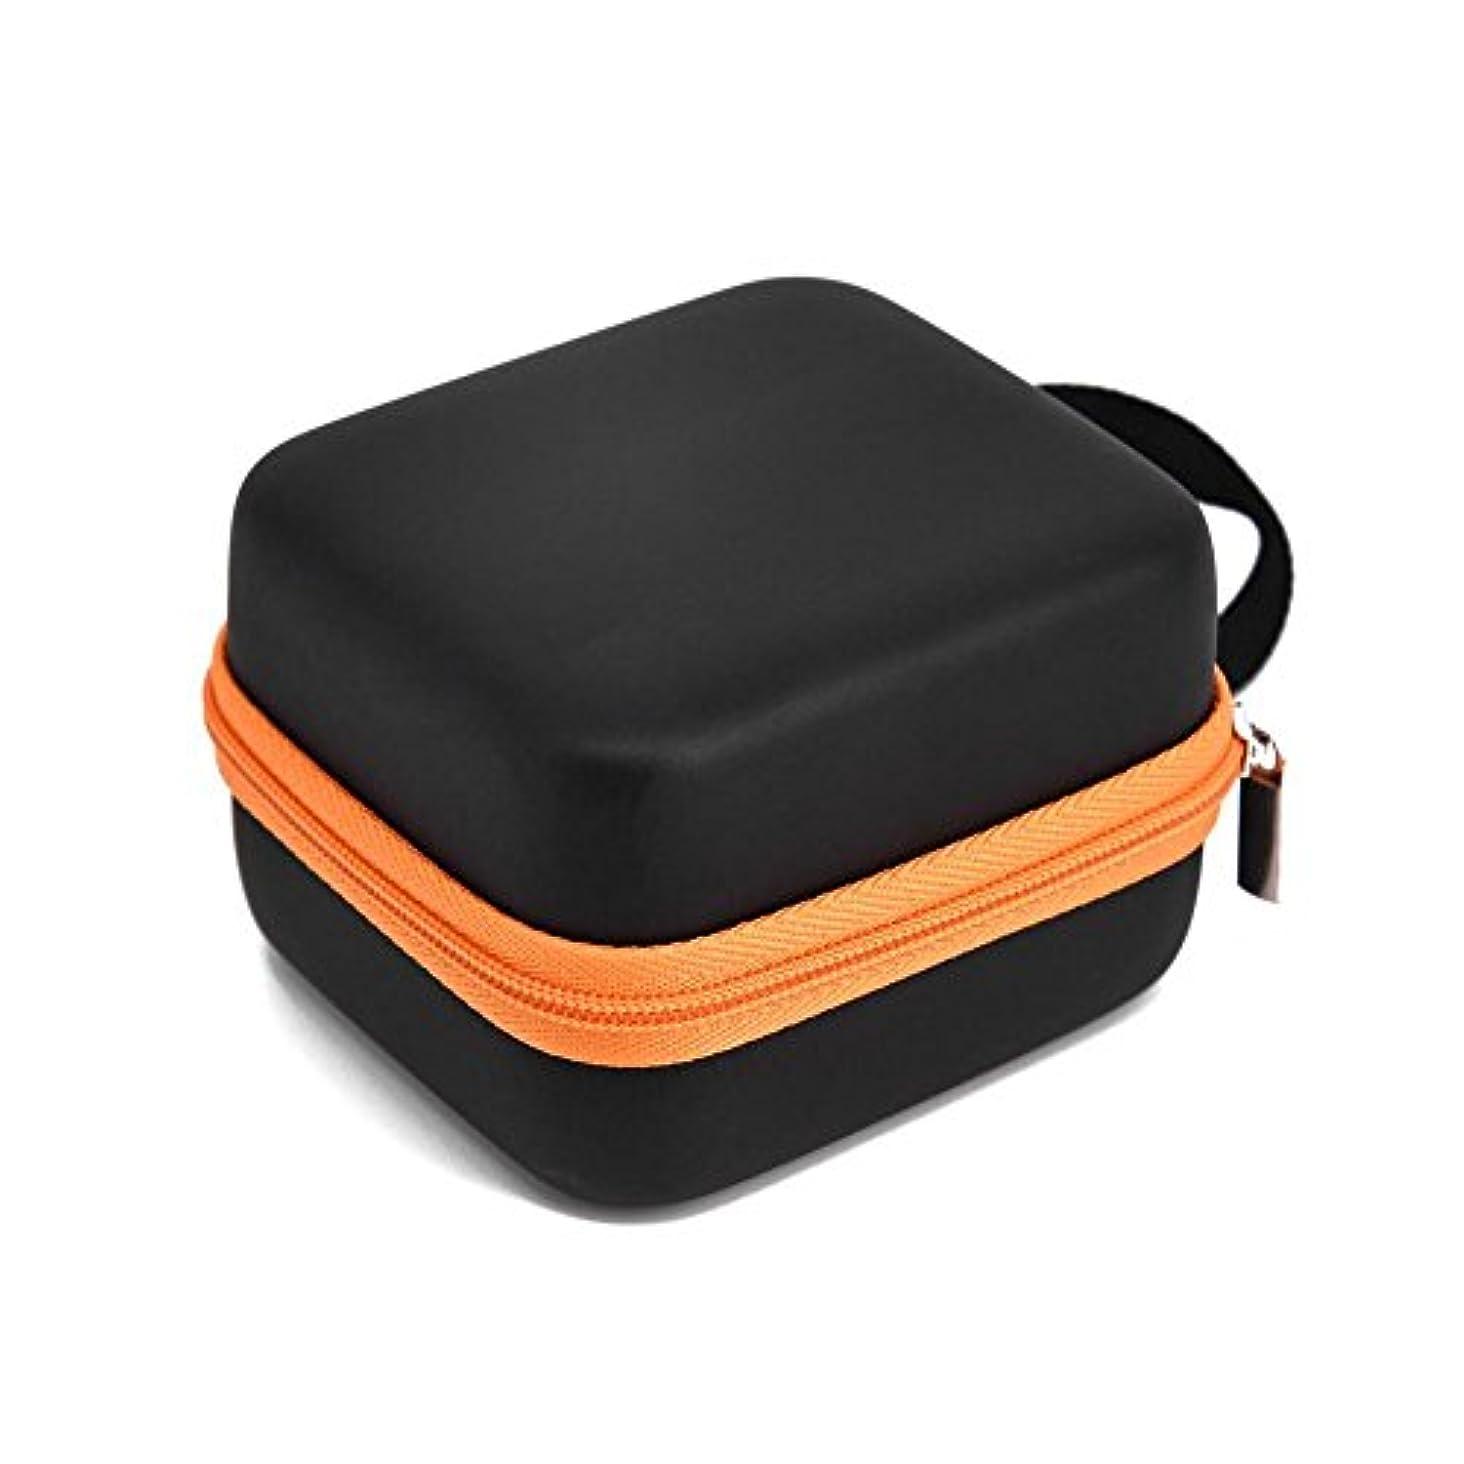 道路を作るプロセススコア年金Farlong 7グリッド 5ML 精油貯蔵袋 エスニックスタイル オイル収納ボックス 人気の 精油 ケース 5色